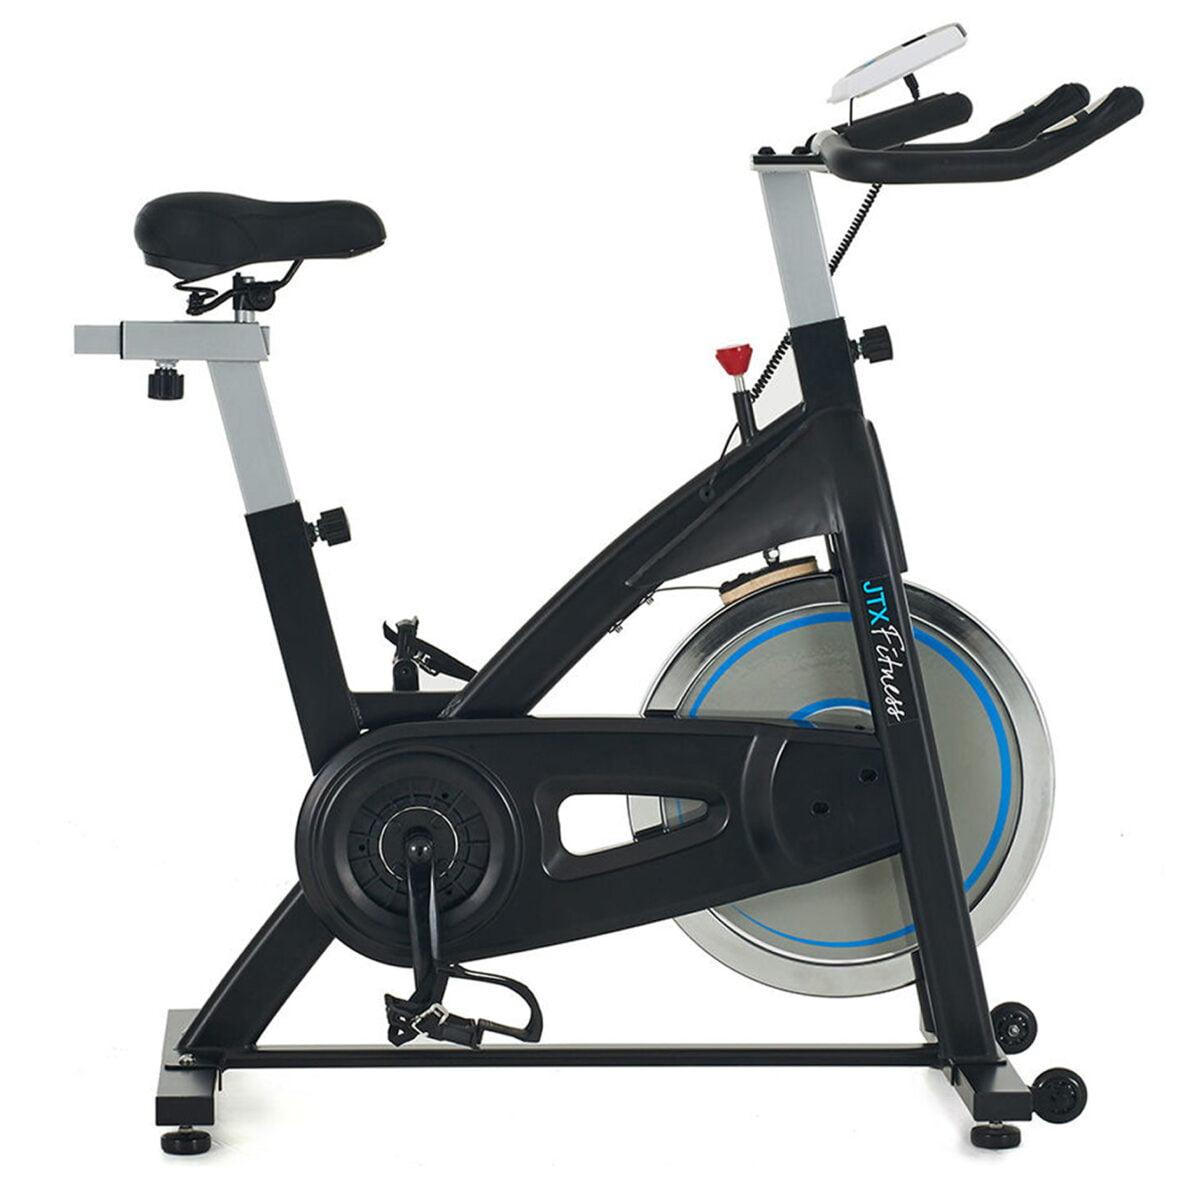 JTX Cyclo 3 Indoor Racer Bike comparison